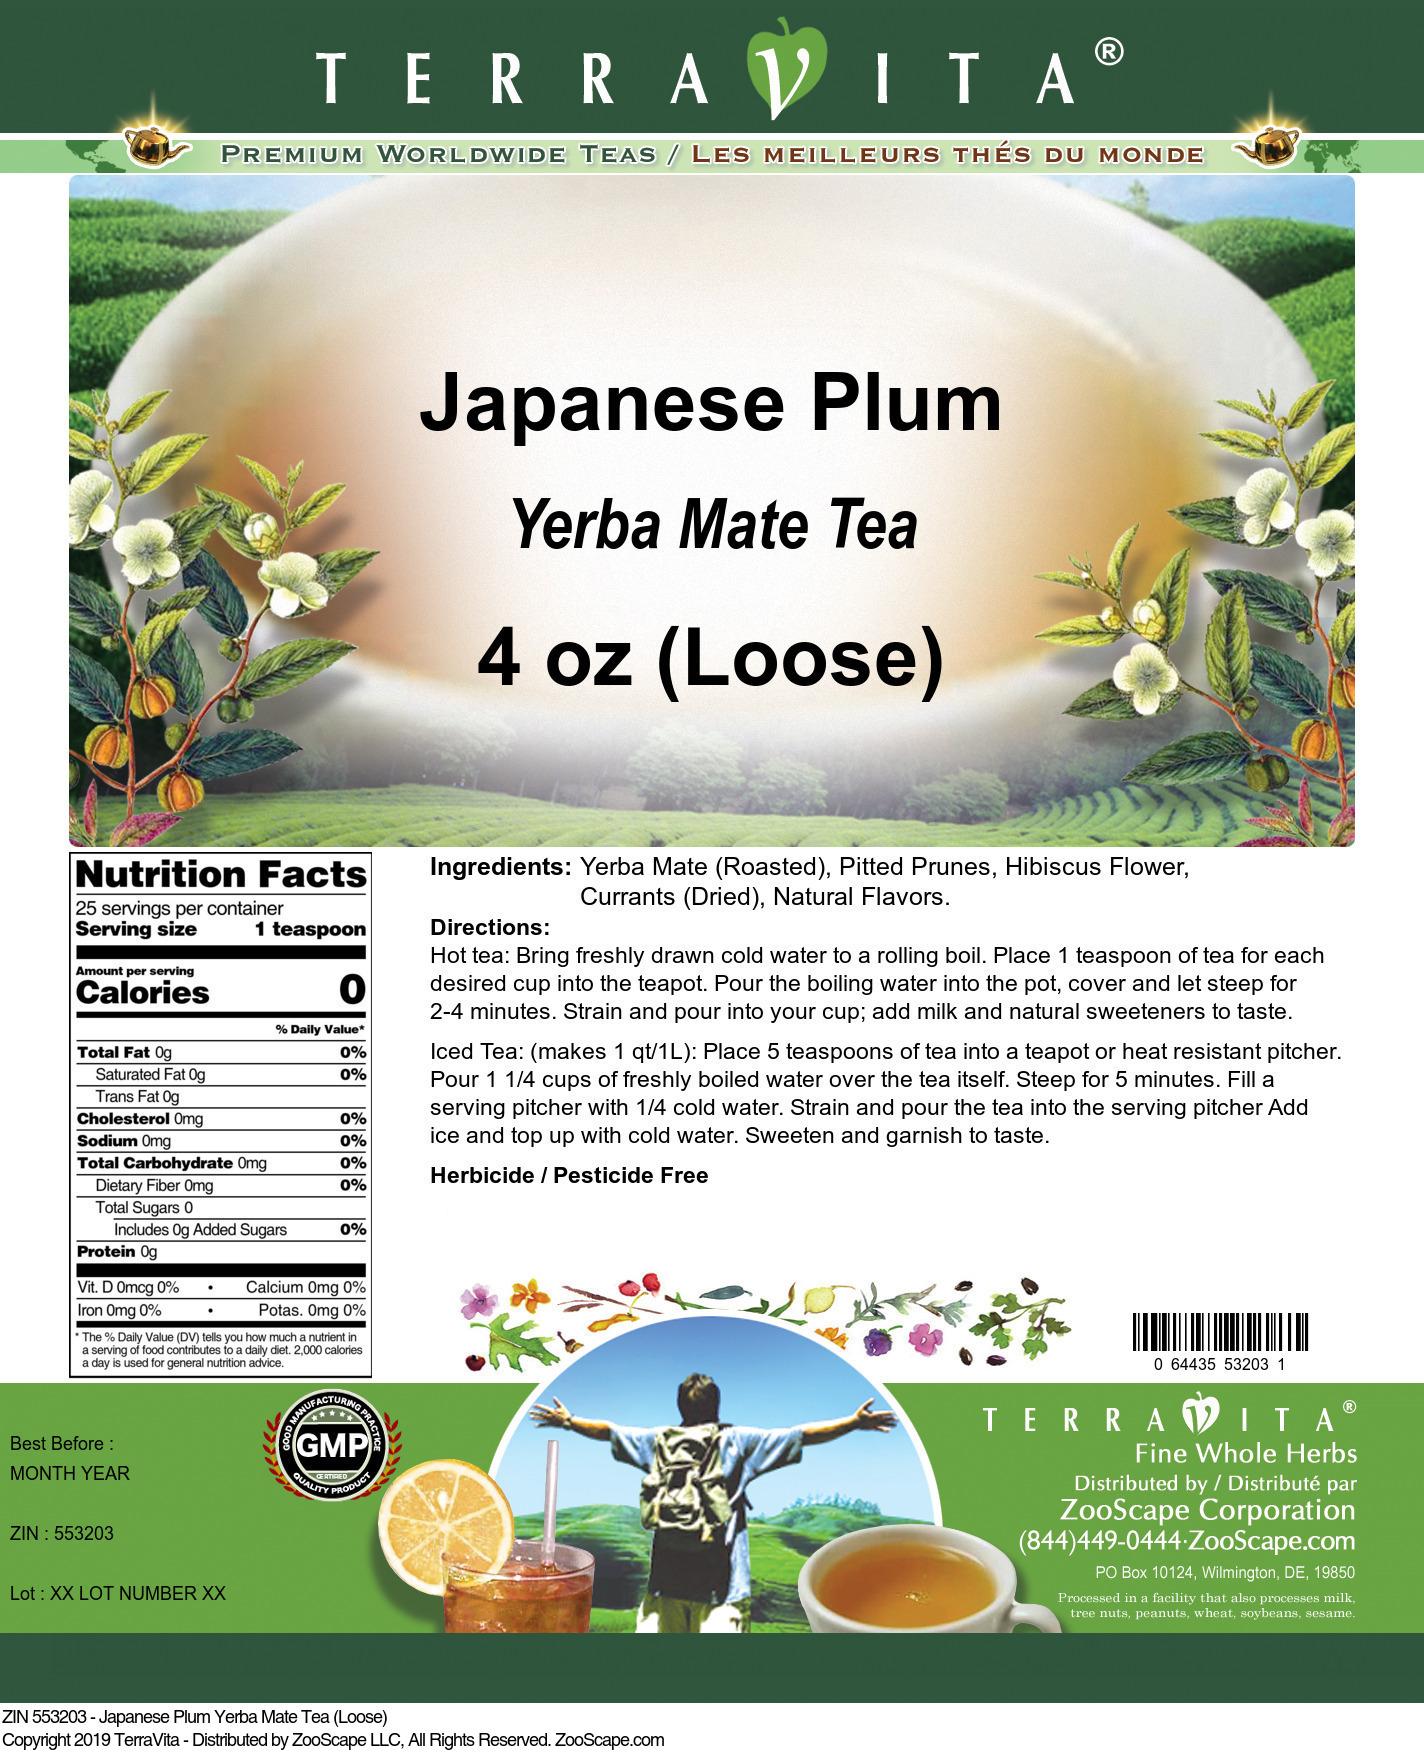 Japanese Plum Yerba Mate